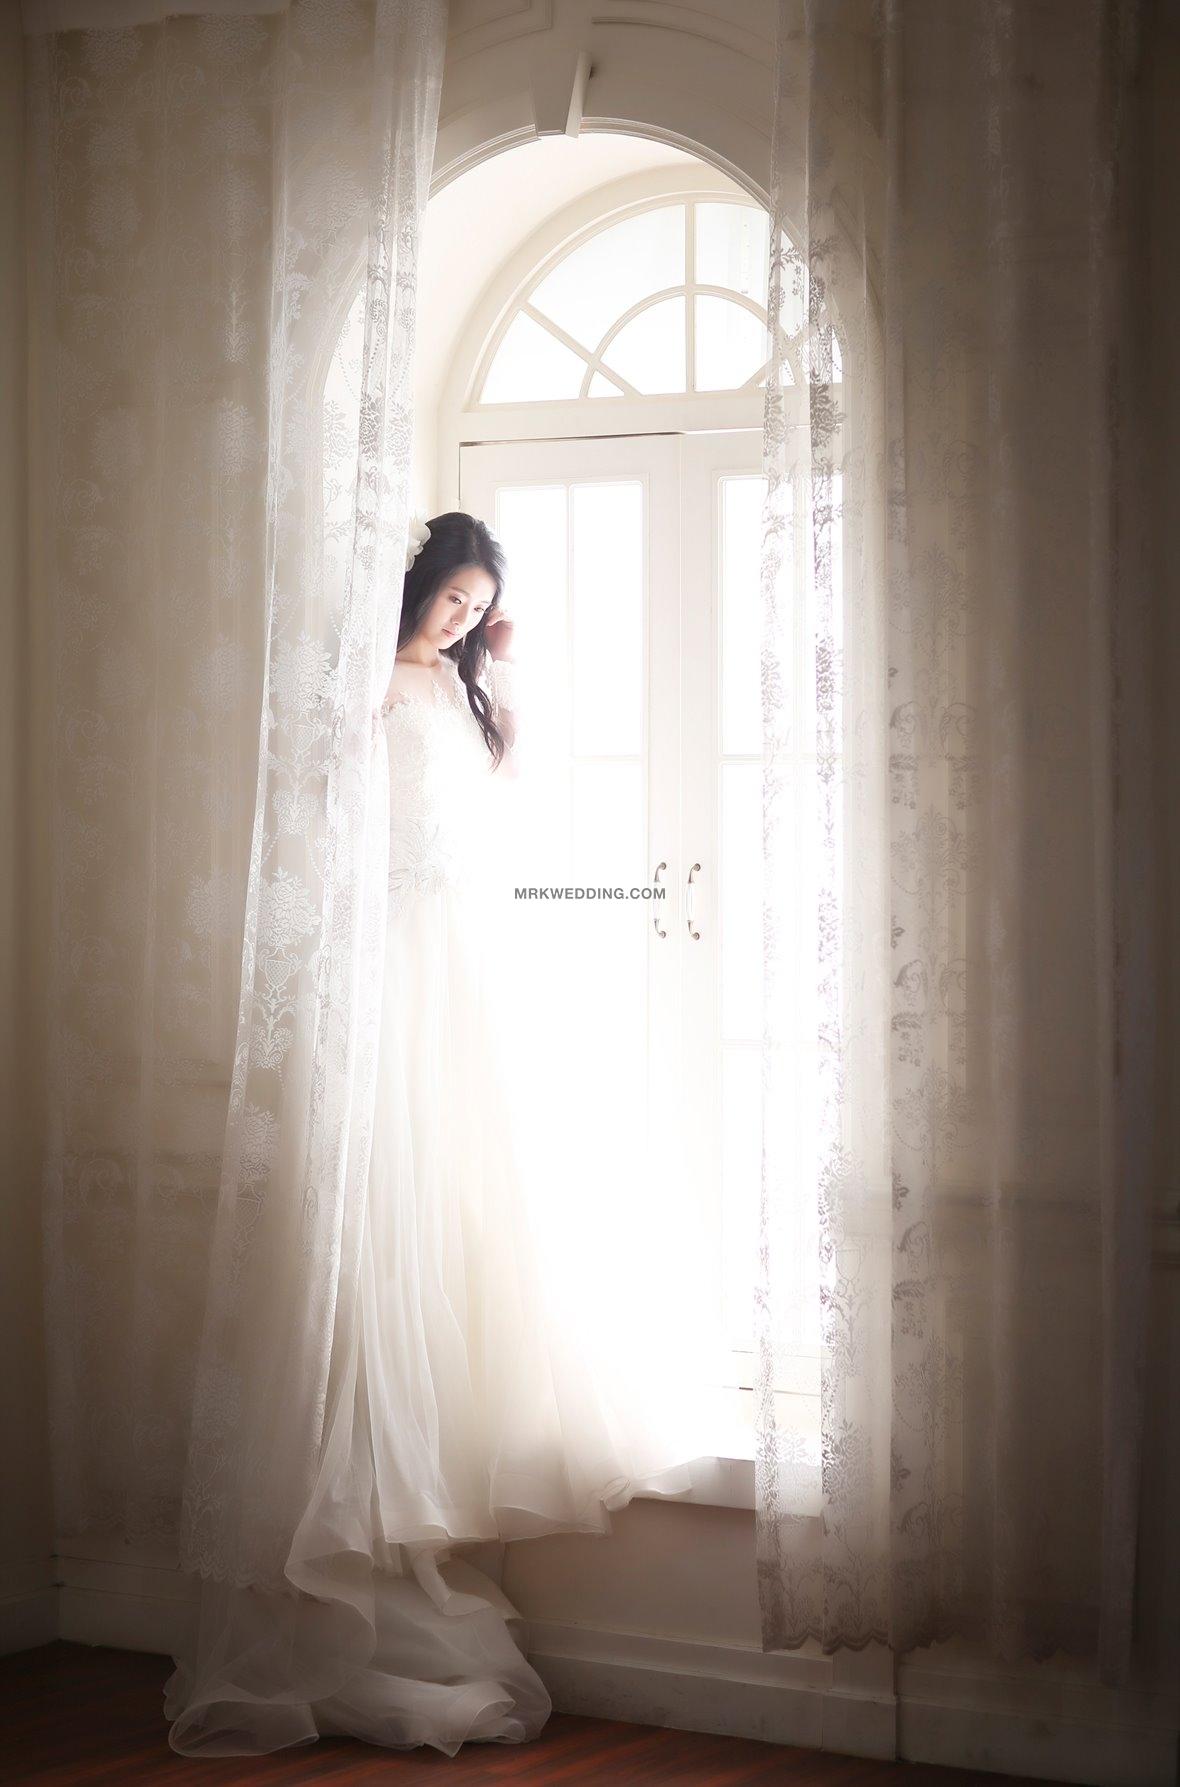 Korea wedding photos (8).jpg